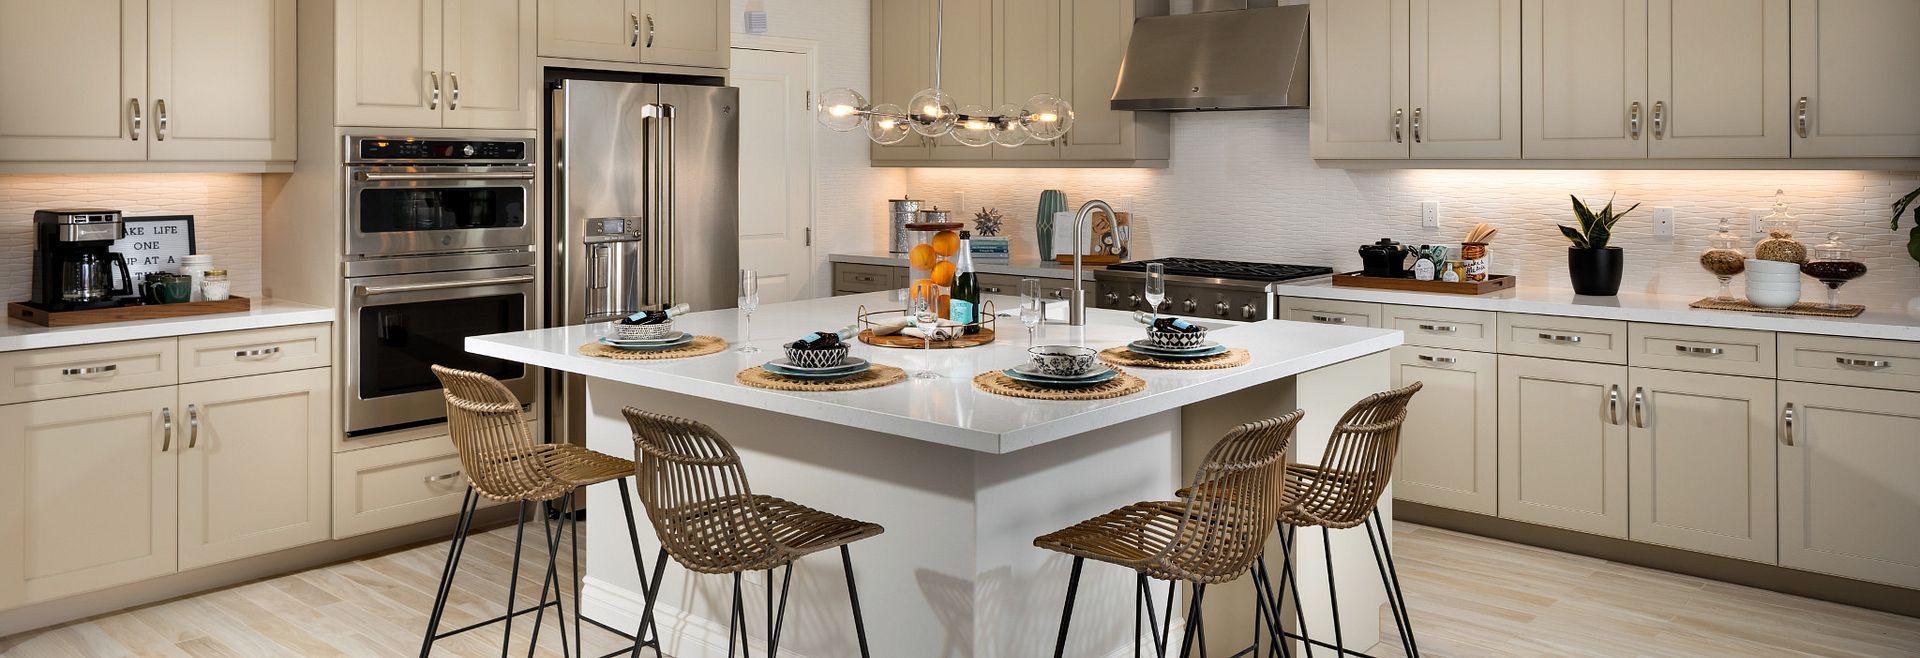 Proclaim Model Home Kitchen